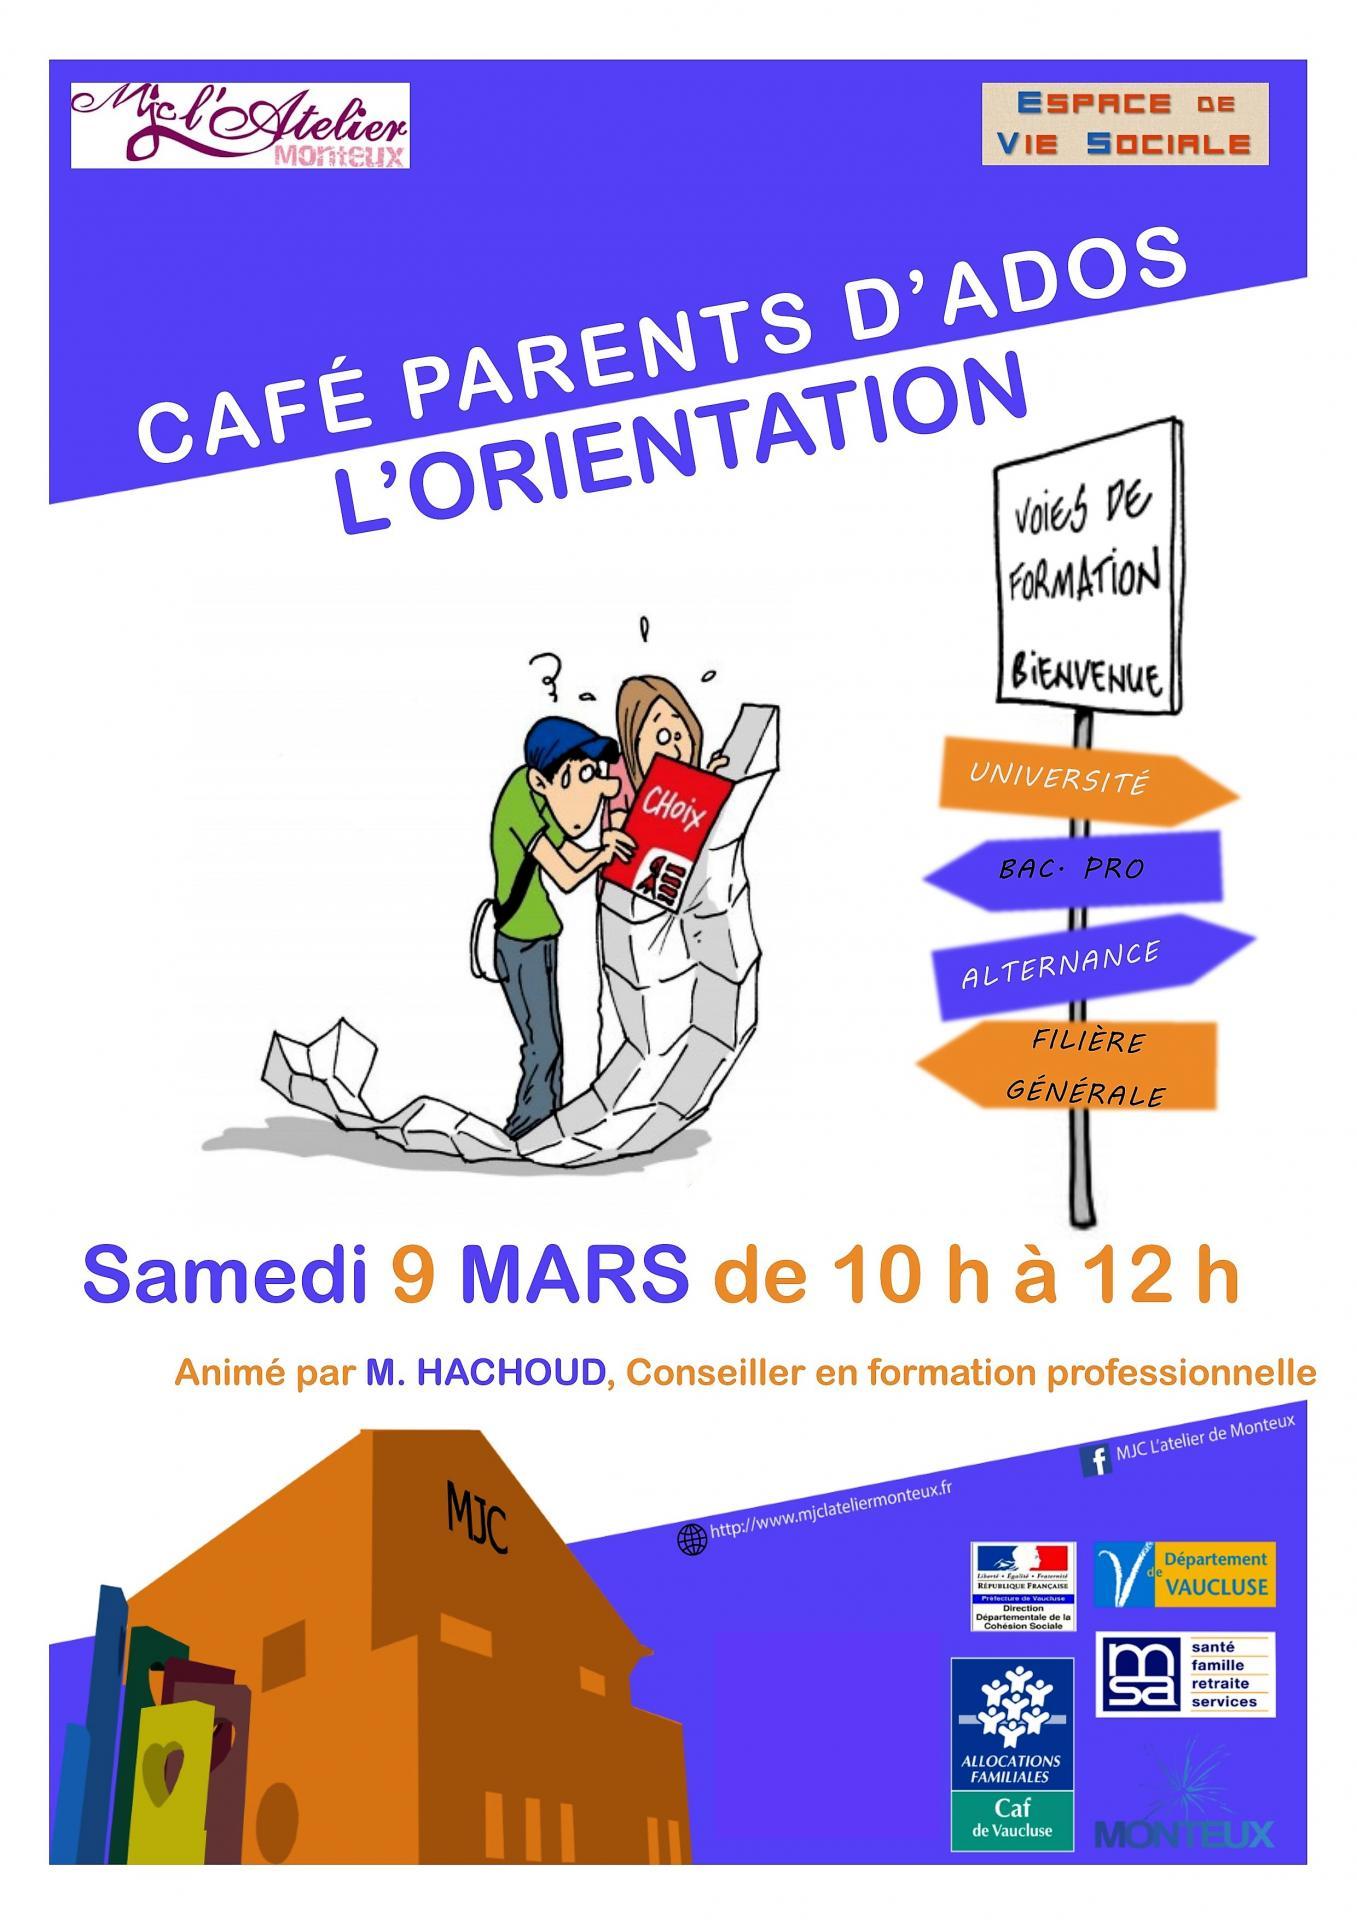 Cafe parents orientation